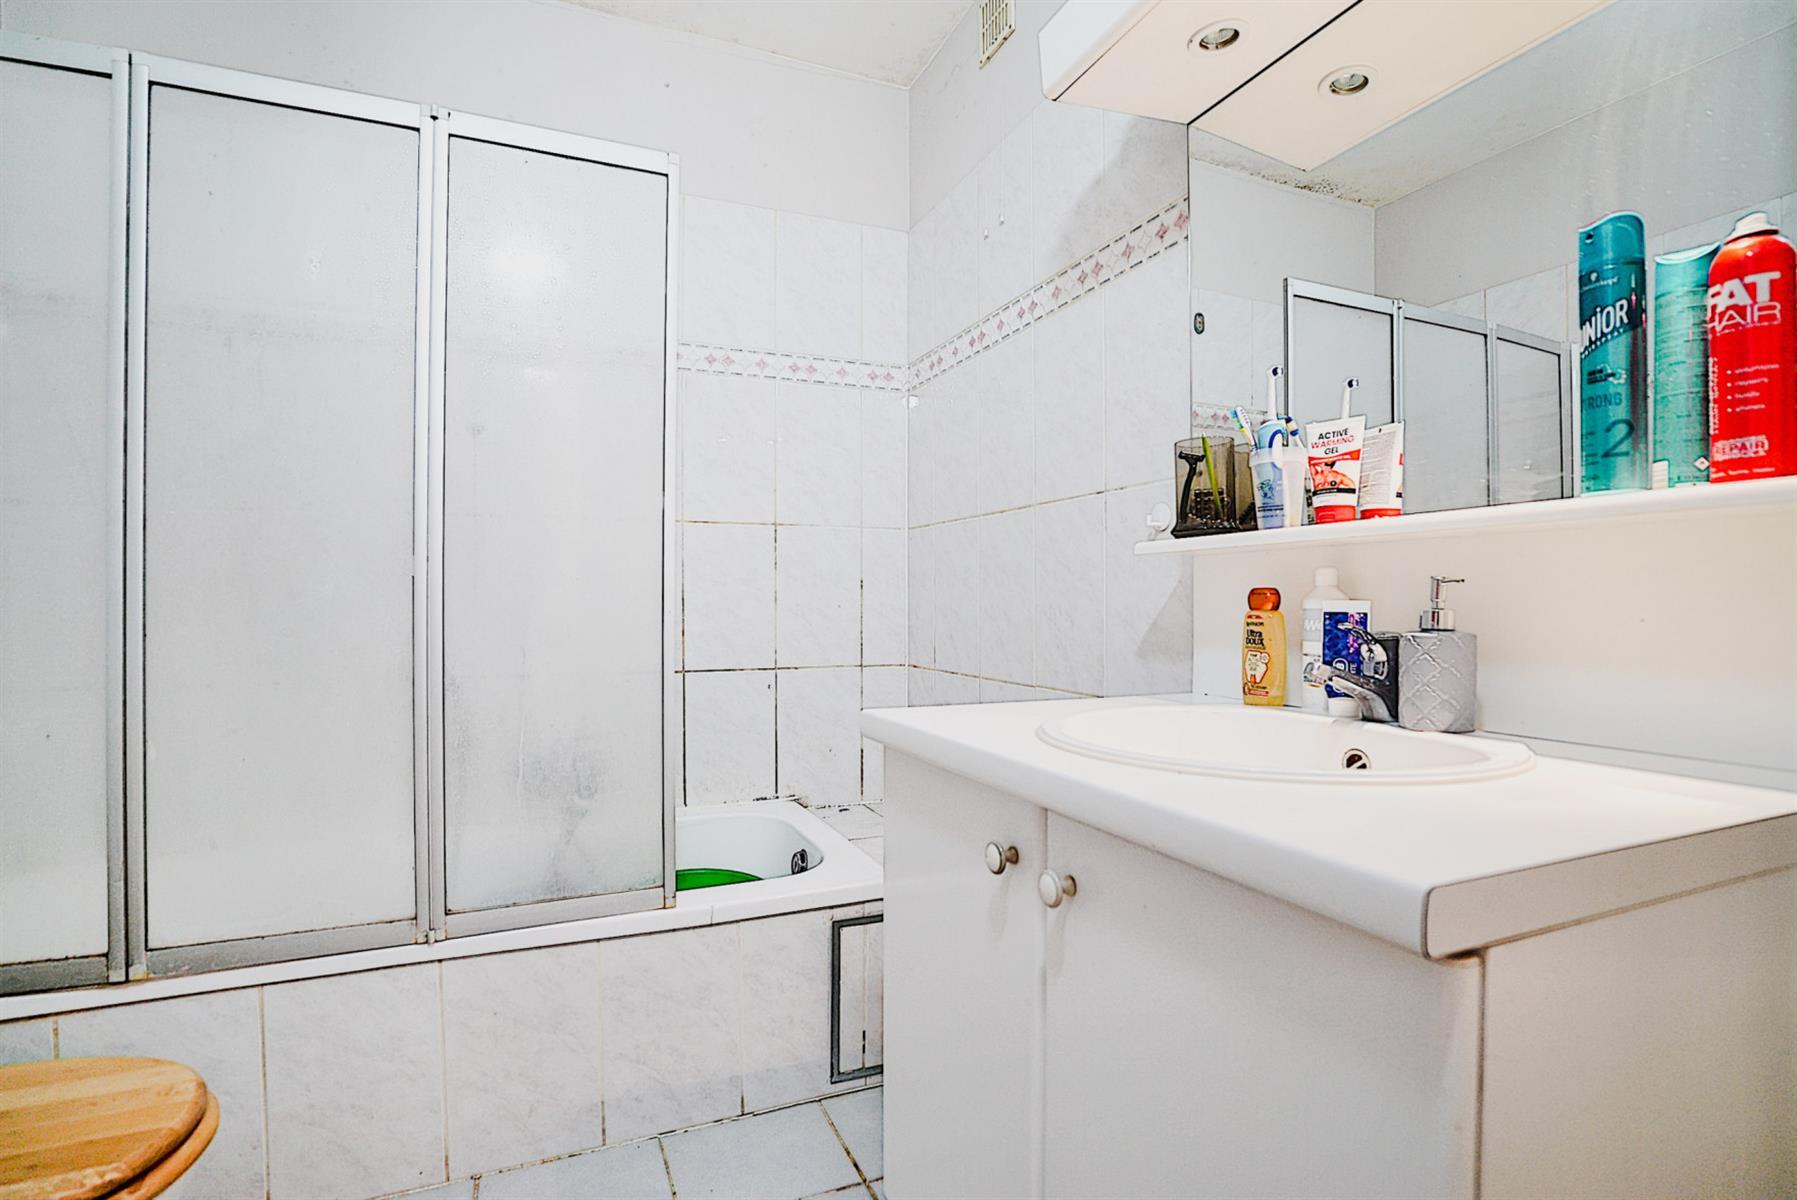 Appartement - Ottignies-louvain-la-neuve - #4342720-12